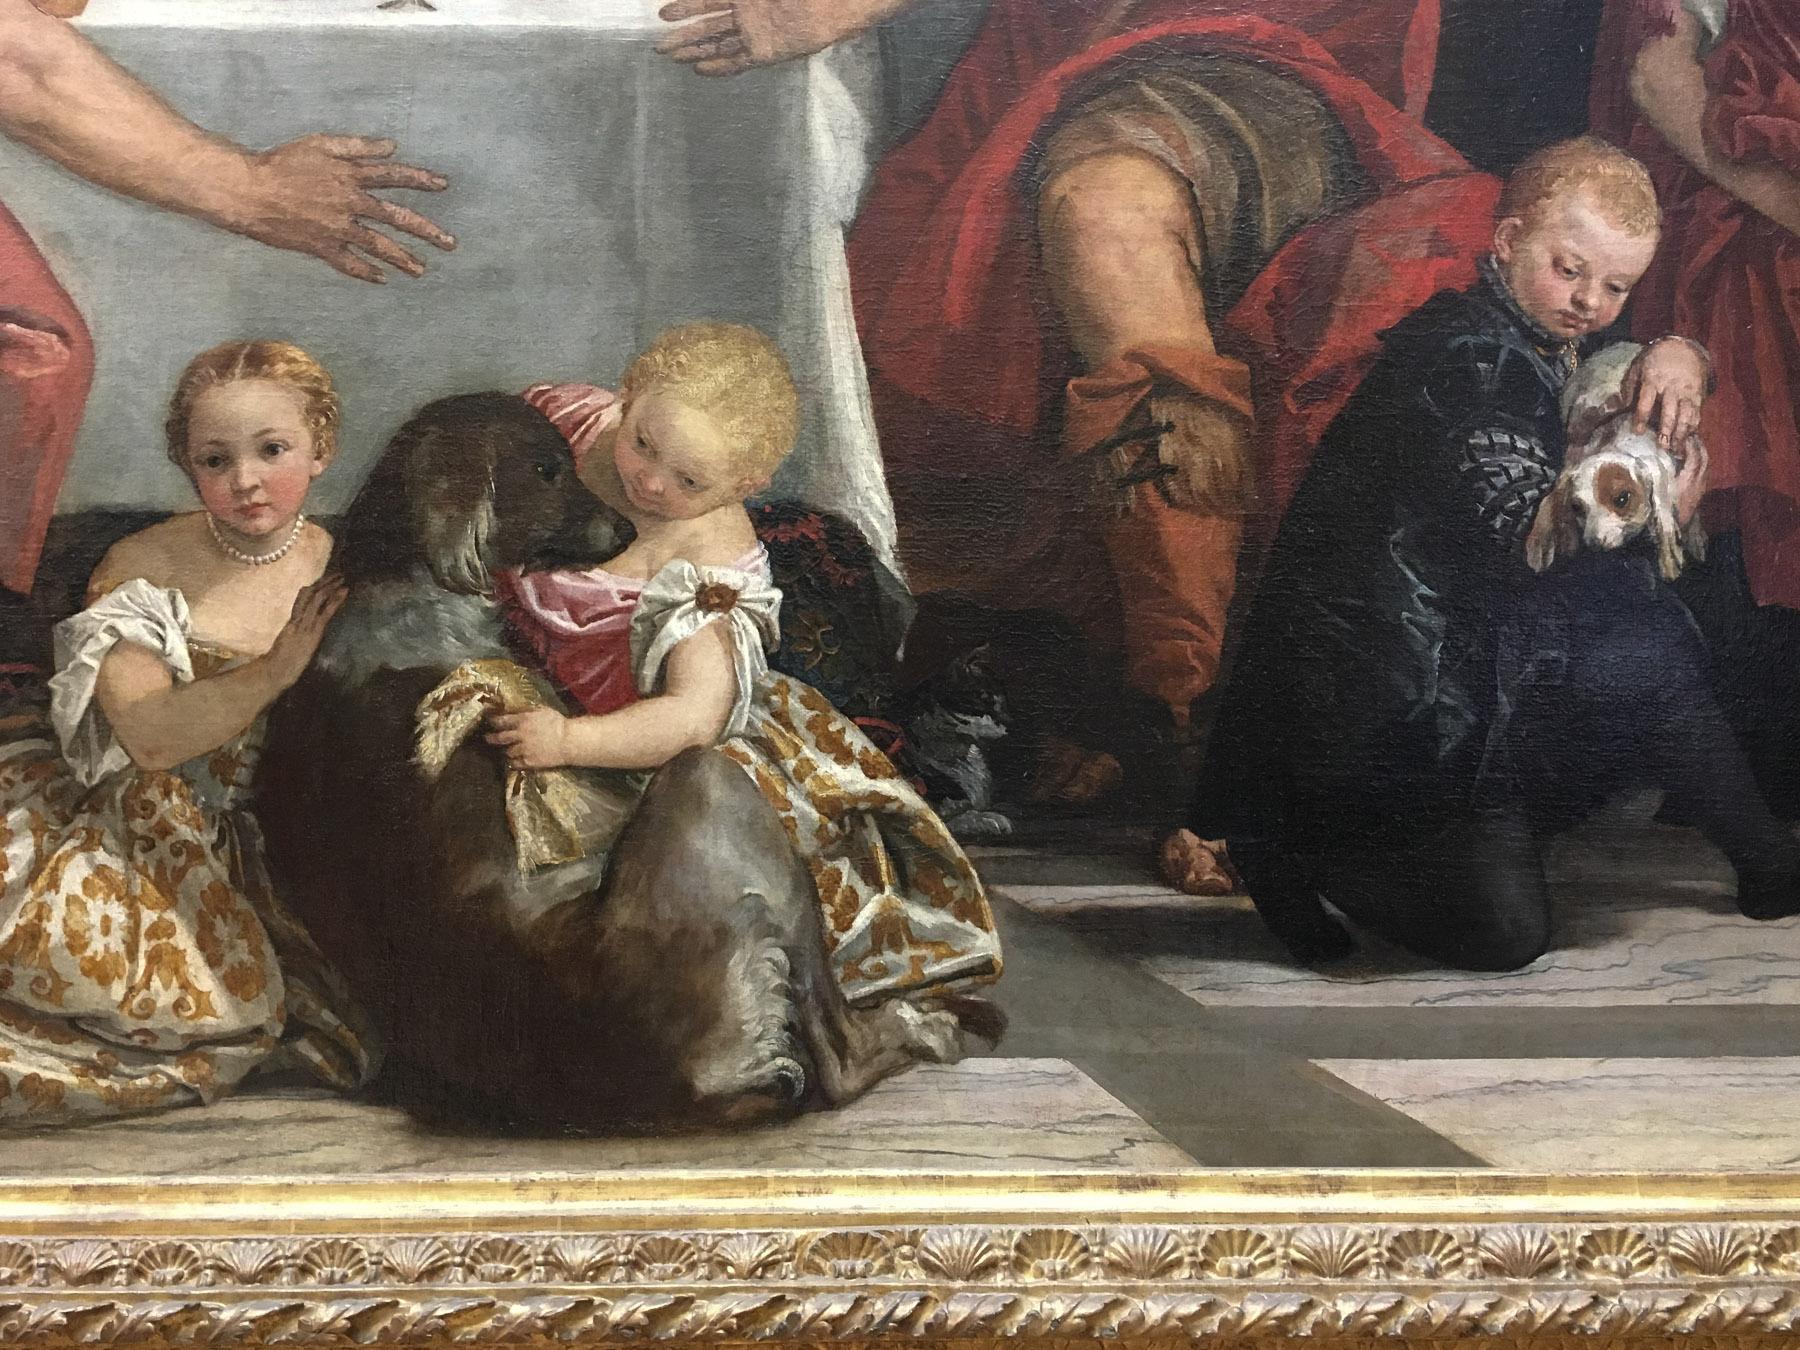 DAP - I like art with dogs - -8550.jpg